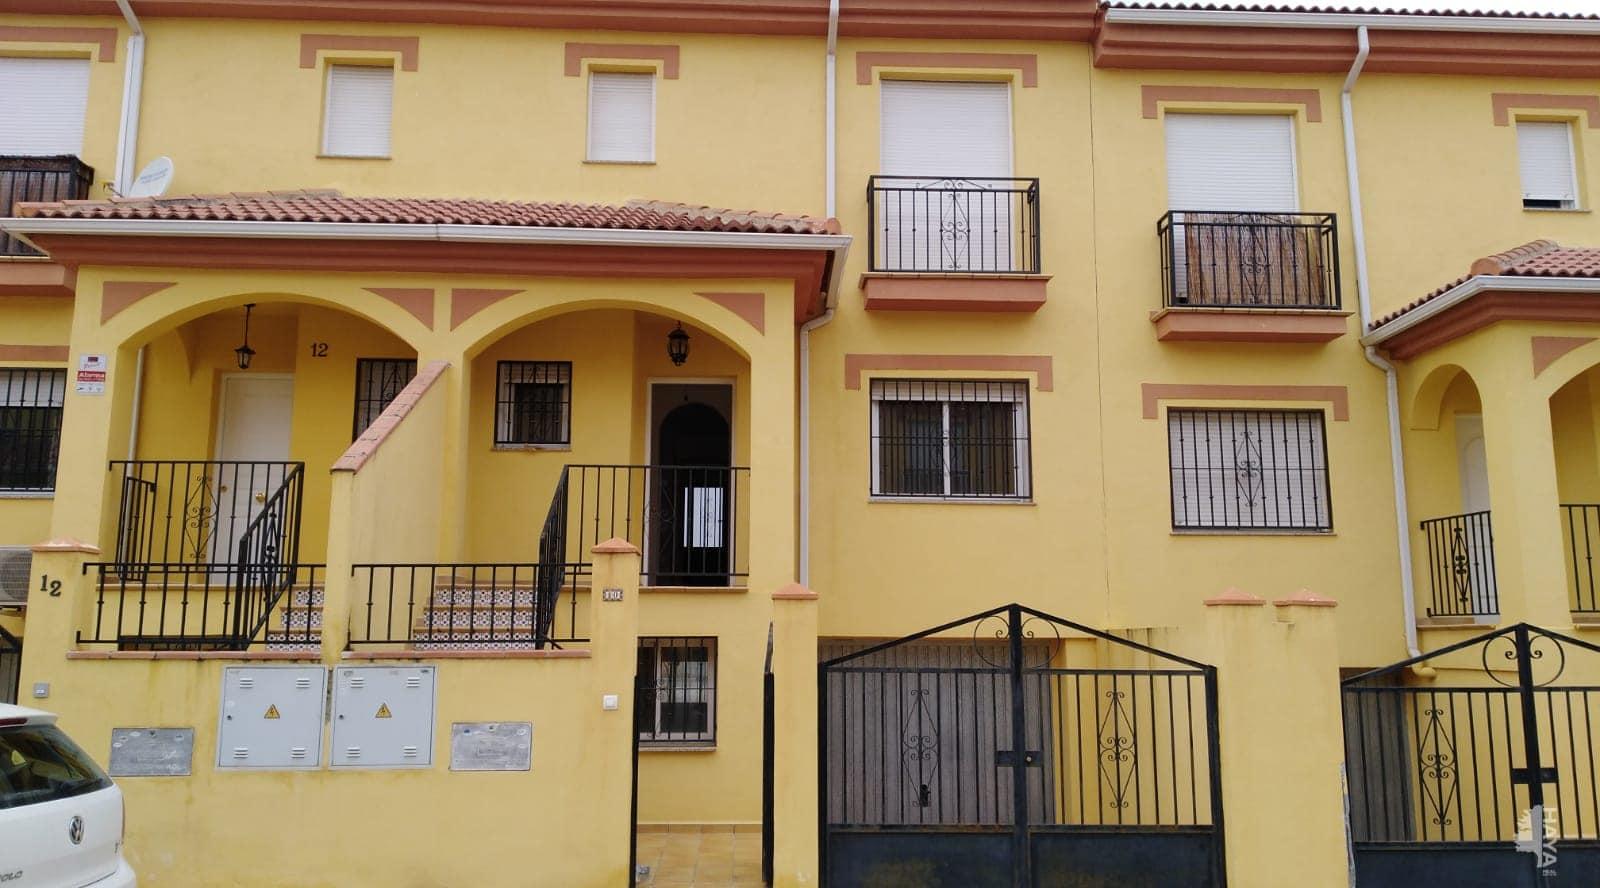 Piso en venta en Vegas del Genil, Granada, Calle Ilusión, 131.712 €, 3 habitaciones, 1 baño, 180 m2